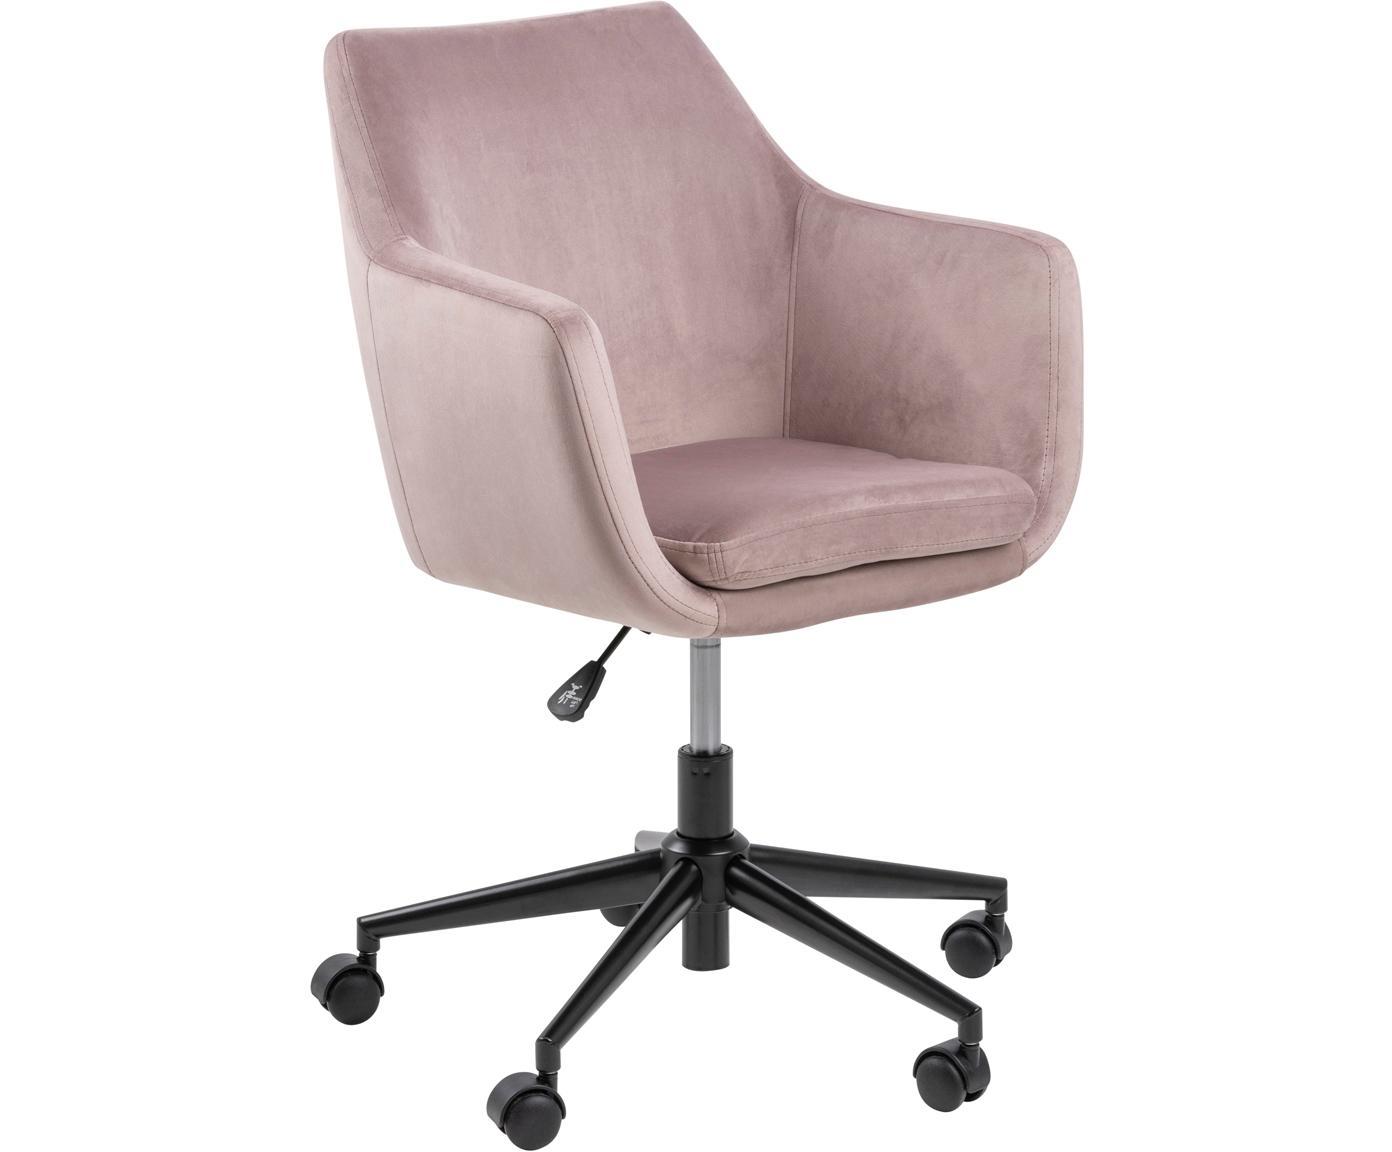 Samt-Bürodrehstuhl Nora, höhenverstellbar, Bezug: Polyester (Samt) 25.000 S, Gestell: Metall, pulverbeschichtet, Rosa, Schwarz, B 58 x T 58 cm